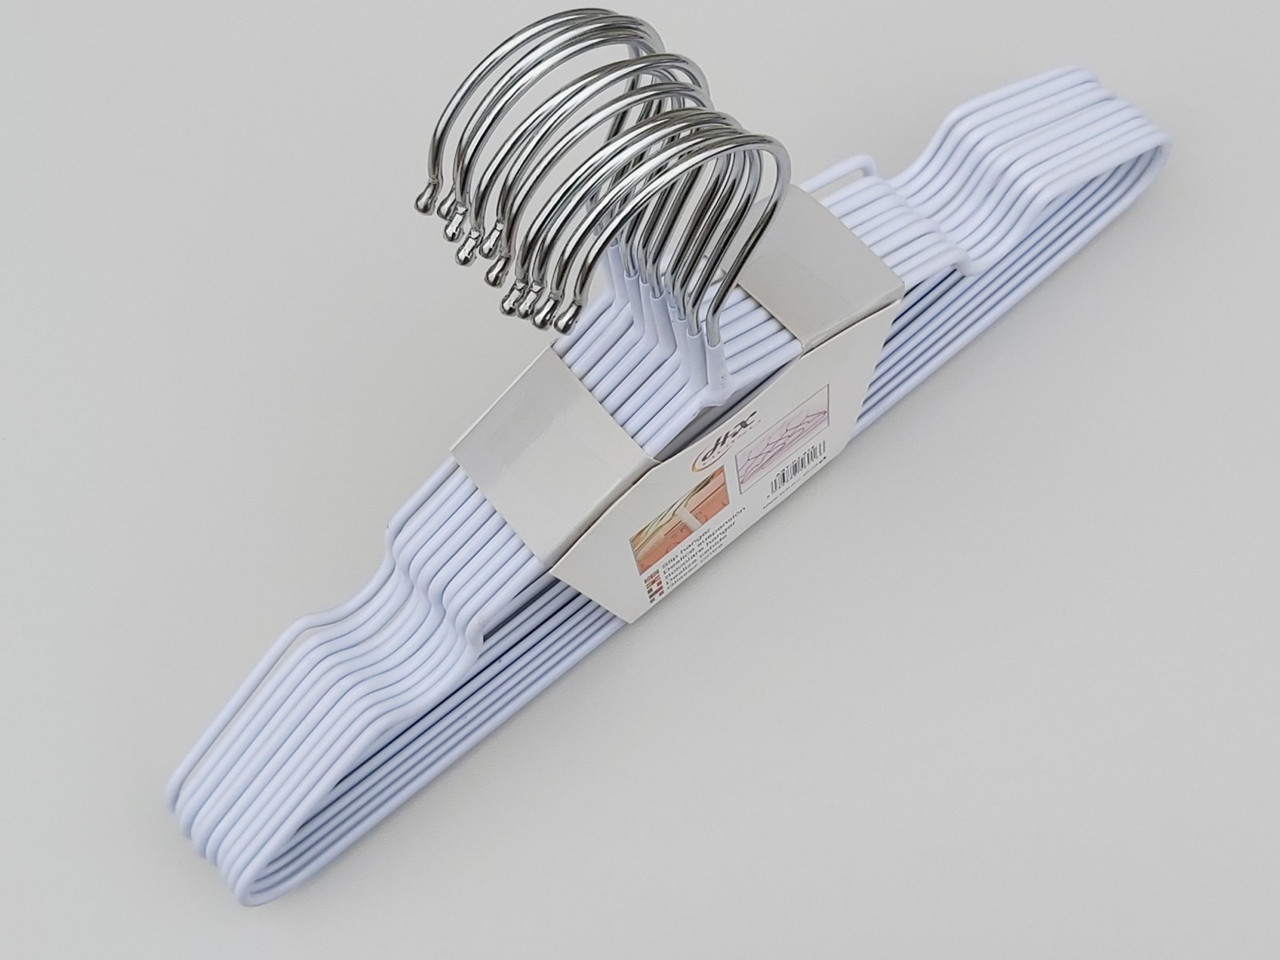 Длина 30 см. Плечики детские металлические в силиконовом покрытии белые, 10 штук в упаковке